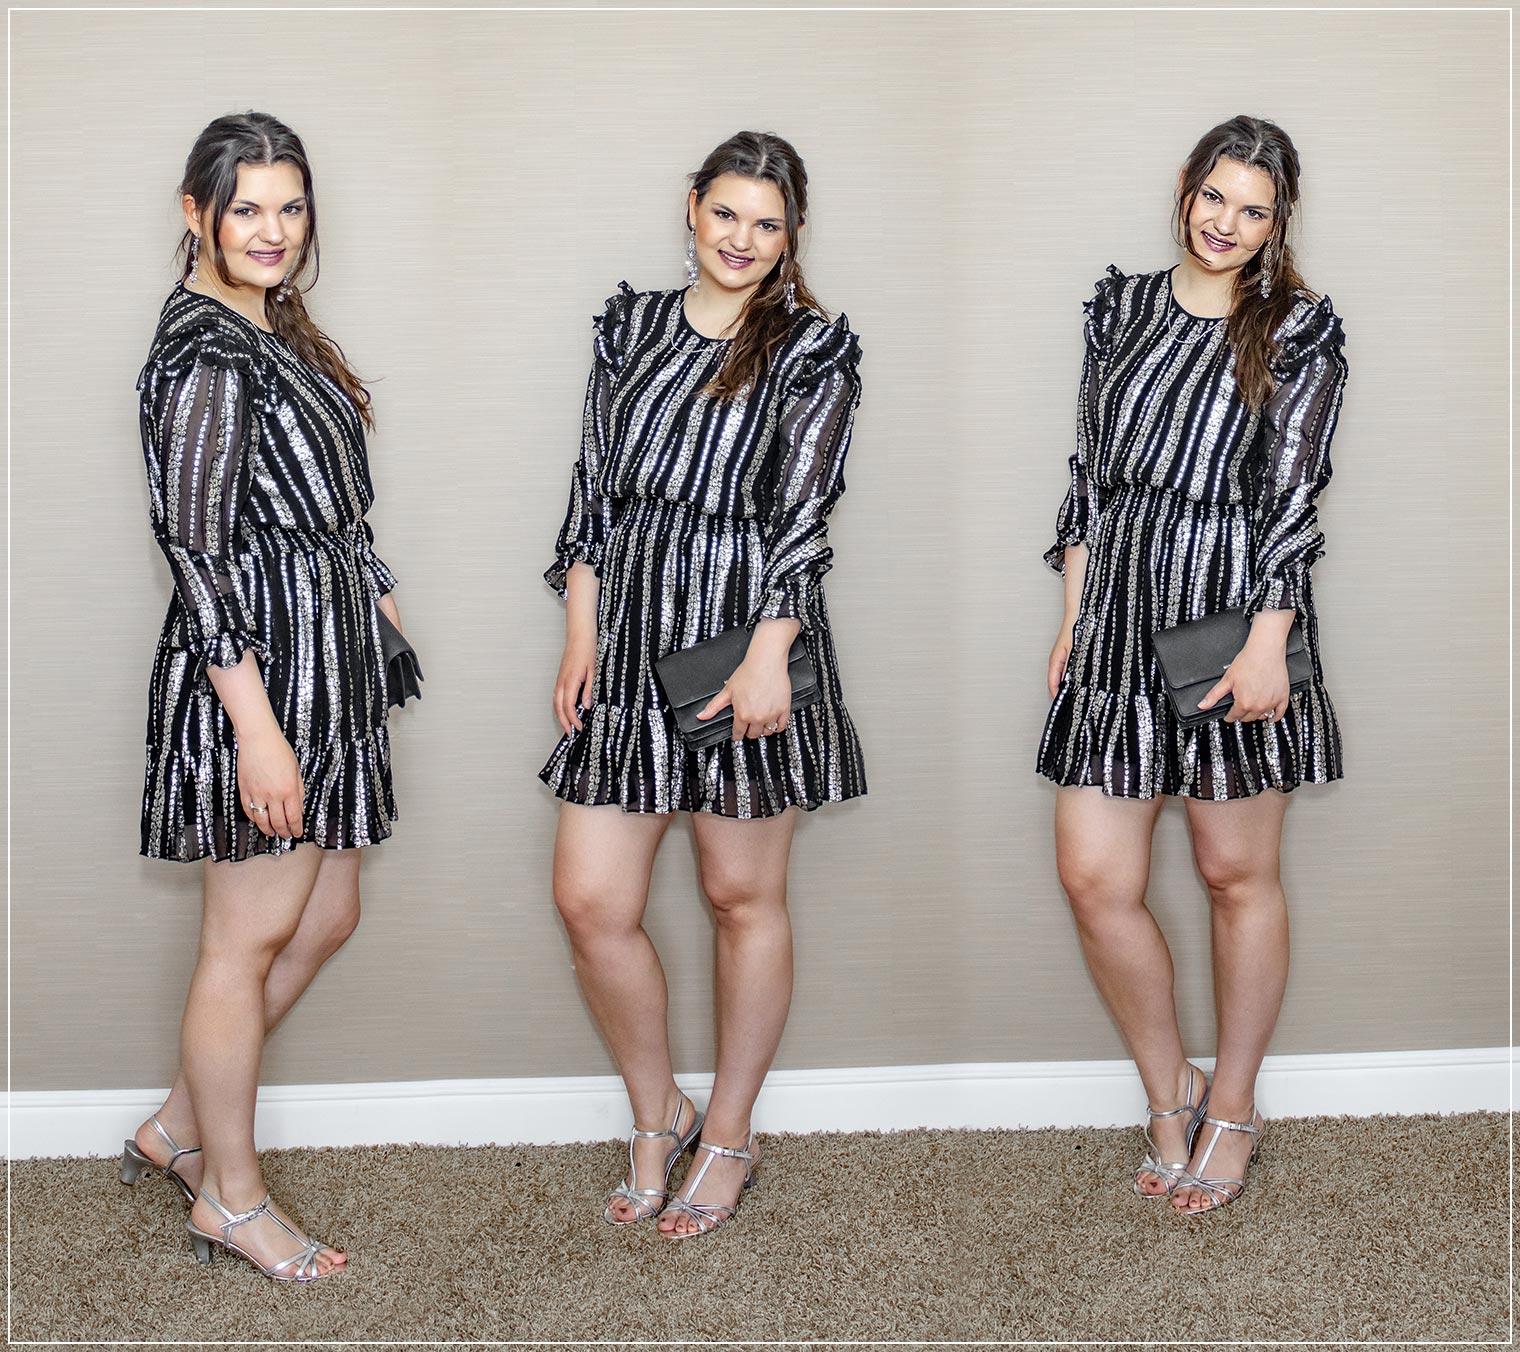 Sommeroutfit aus Kleid mit Volants